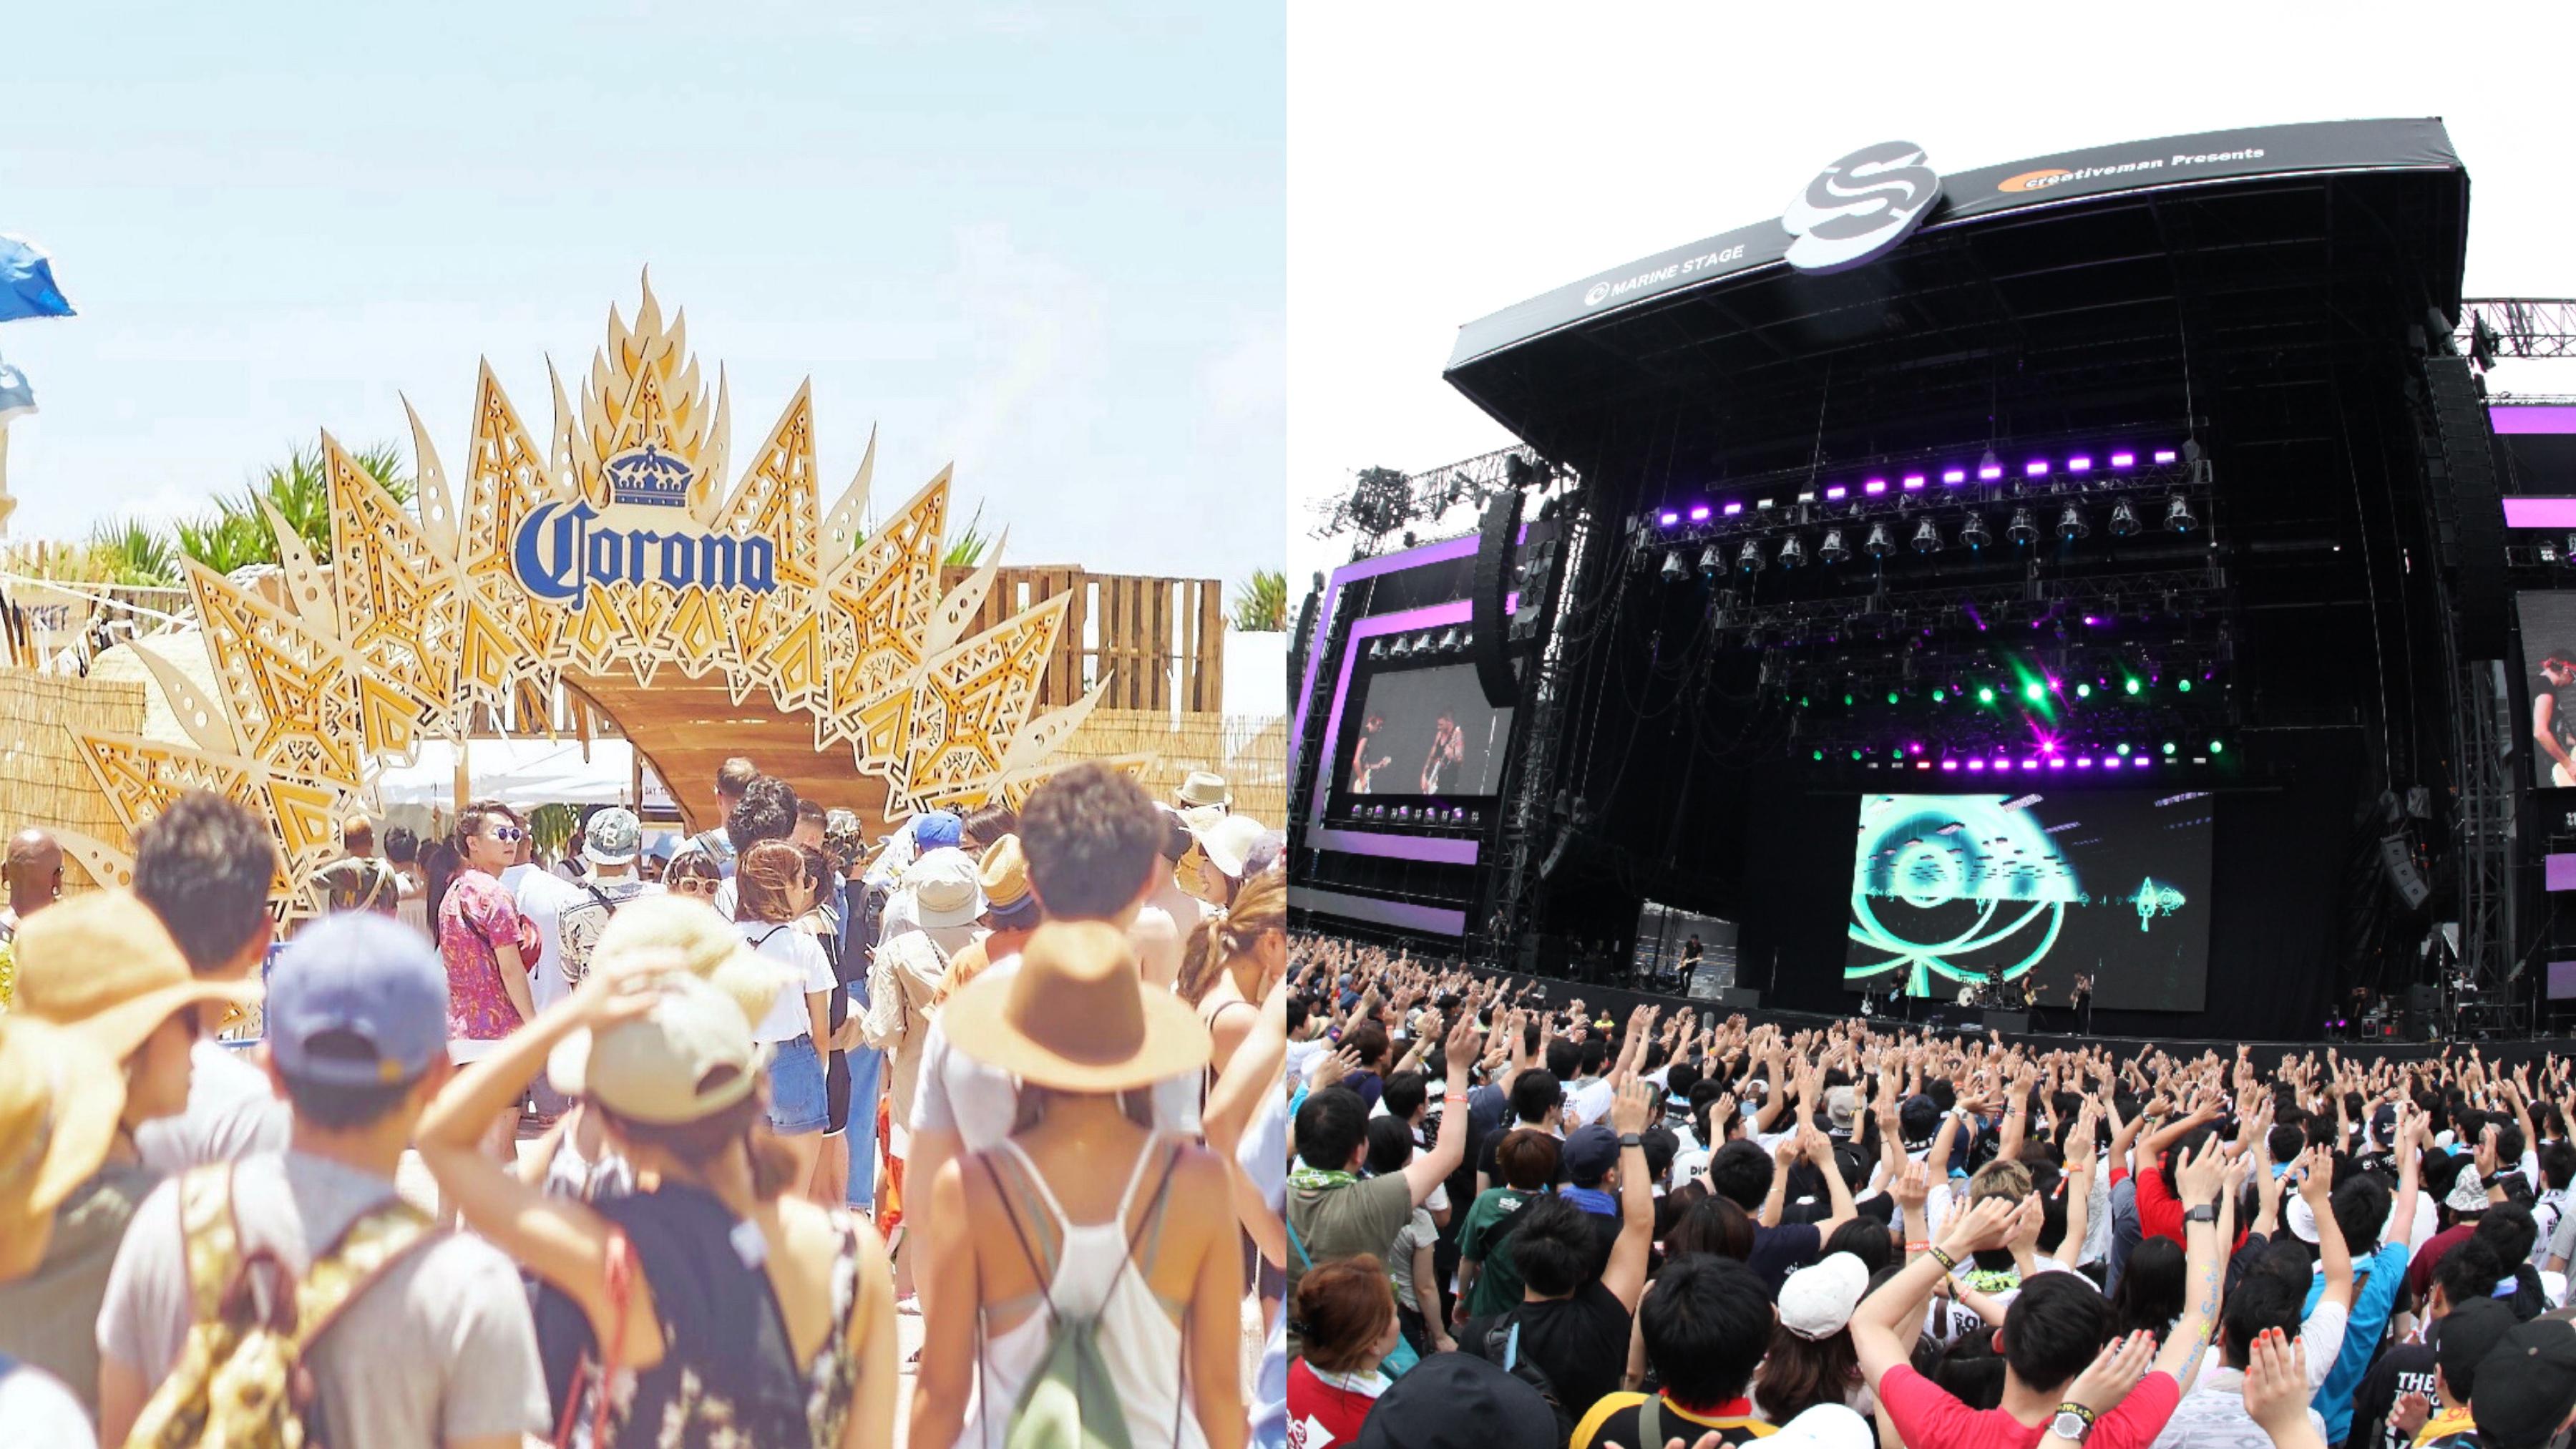 【フェス情報】この夏を熱く盛り上げる音楽イベント5選